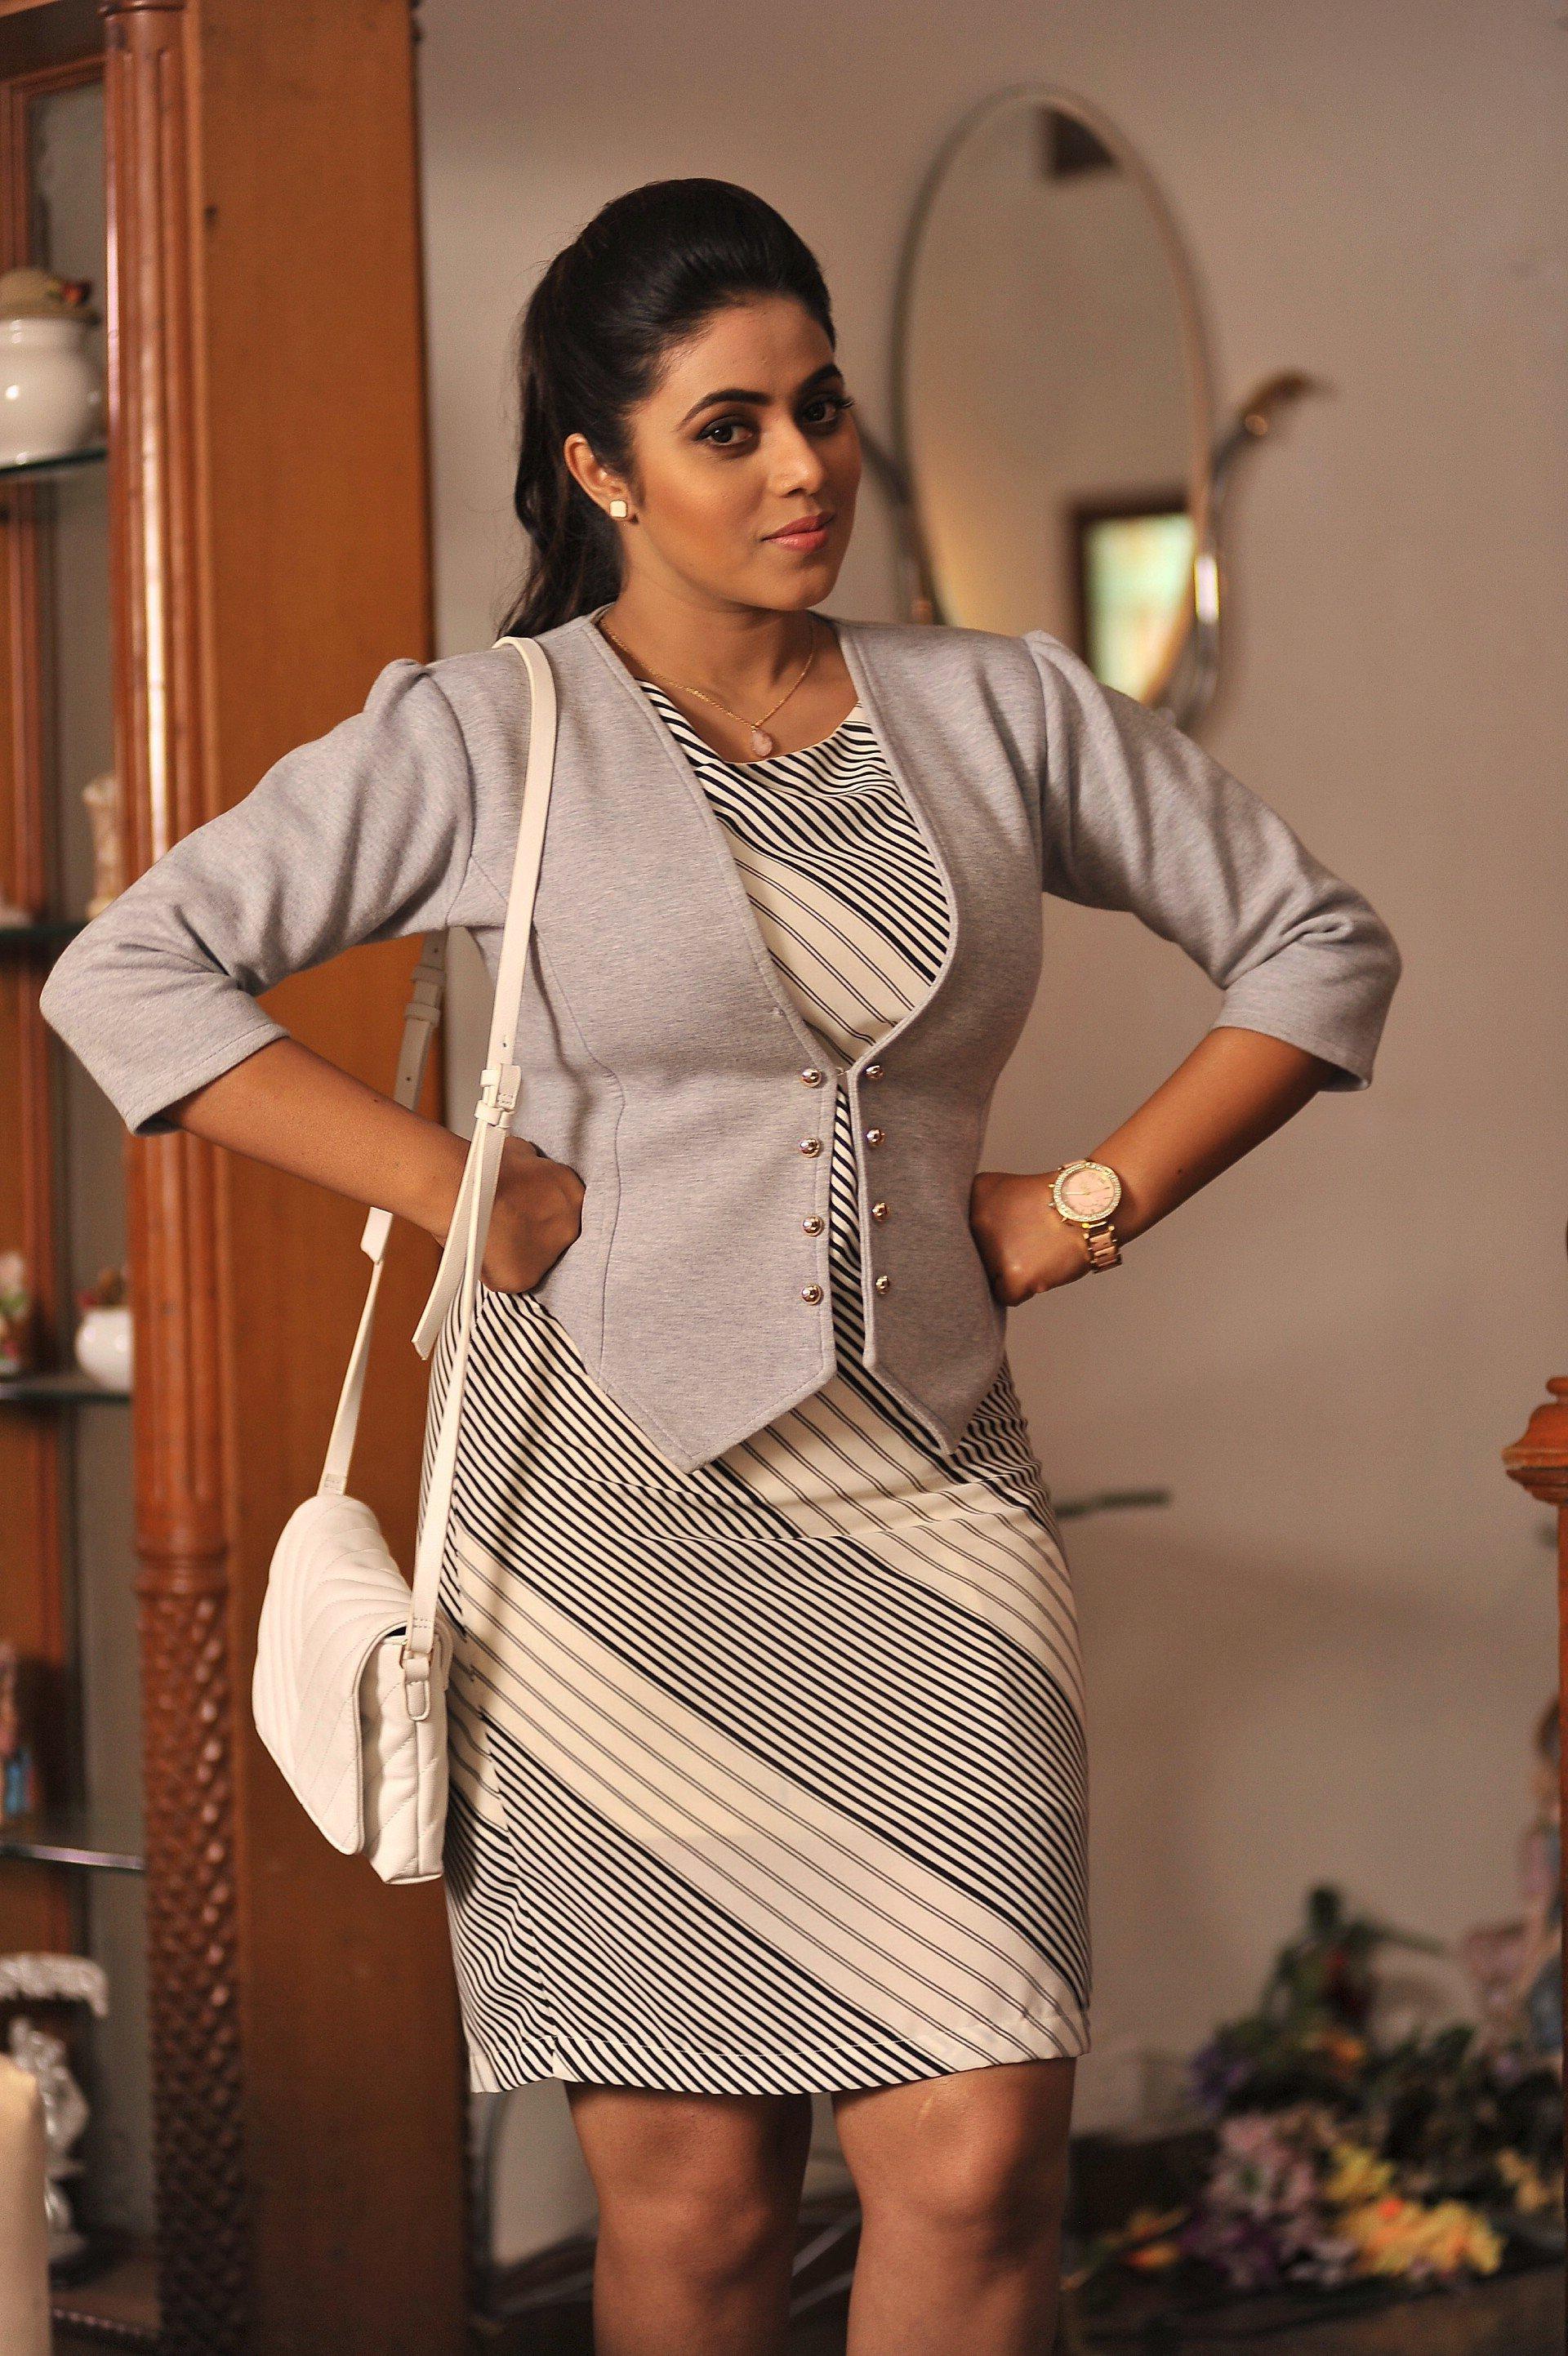 Actress Poorna in Suvarna Sundari Telugu Movie Photos – TamilNext